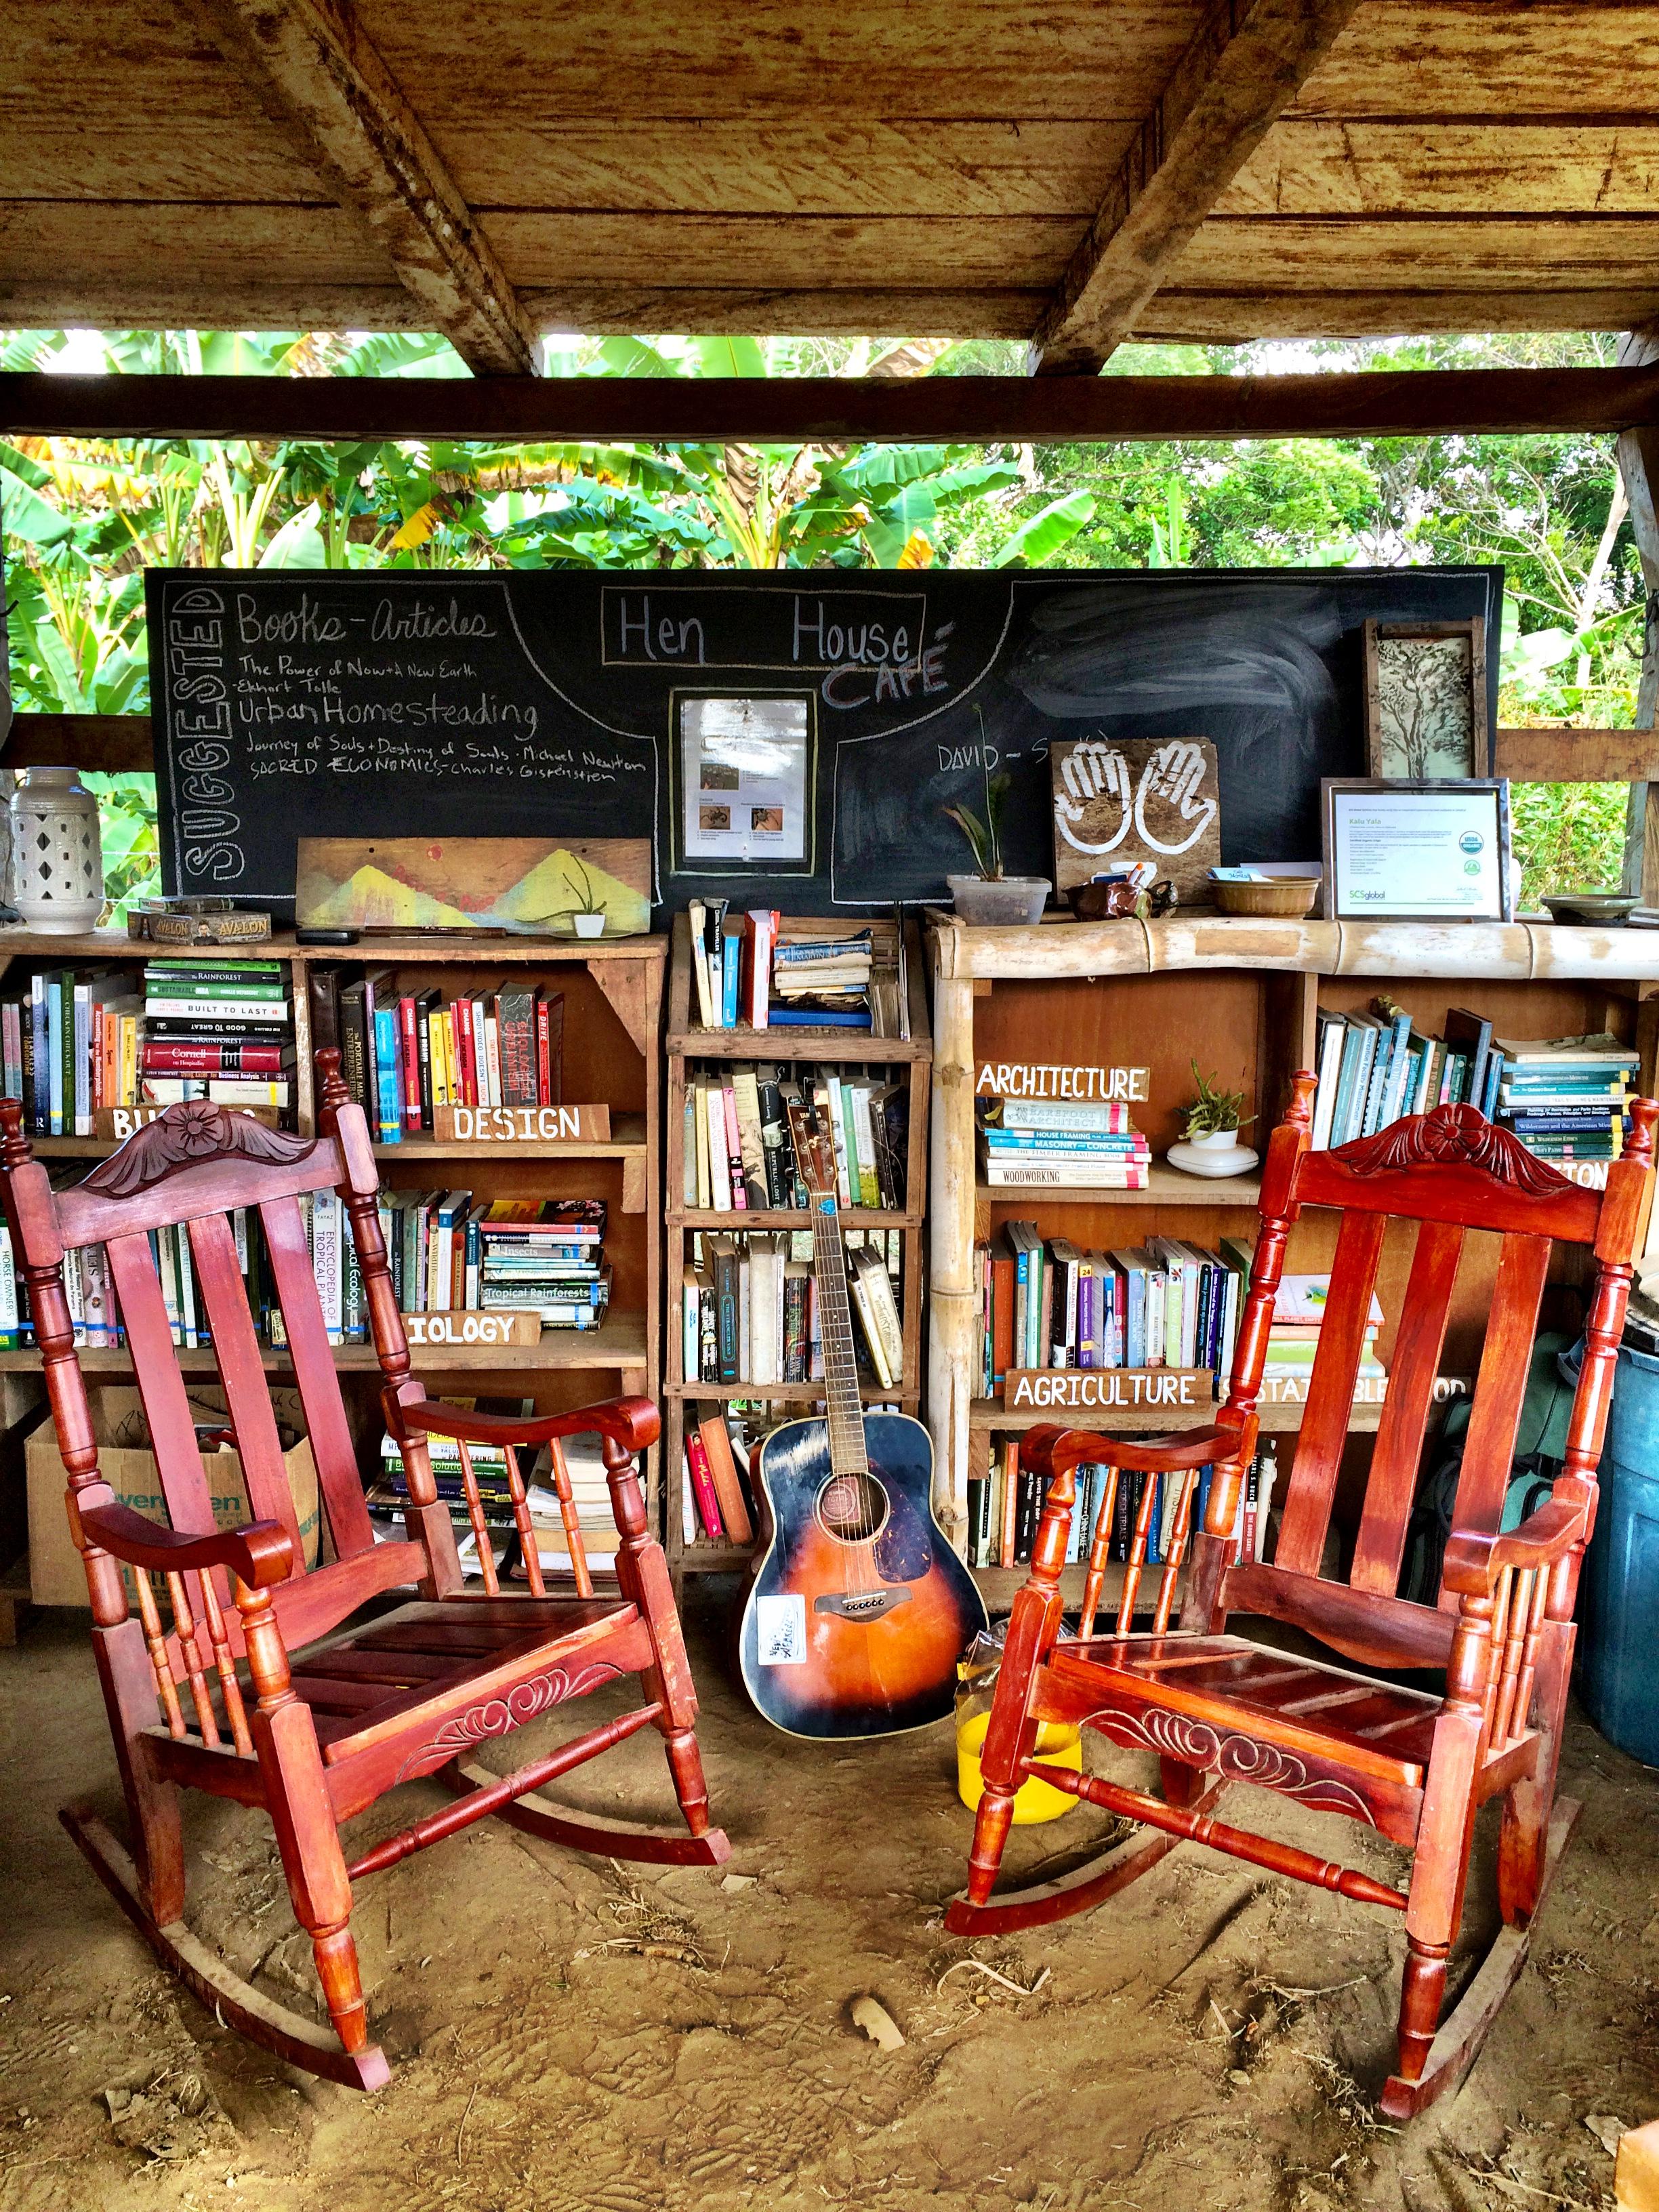 Kalu Yala library